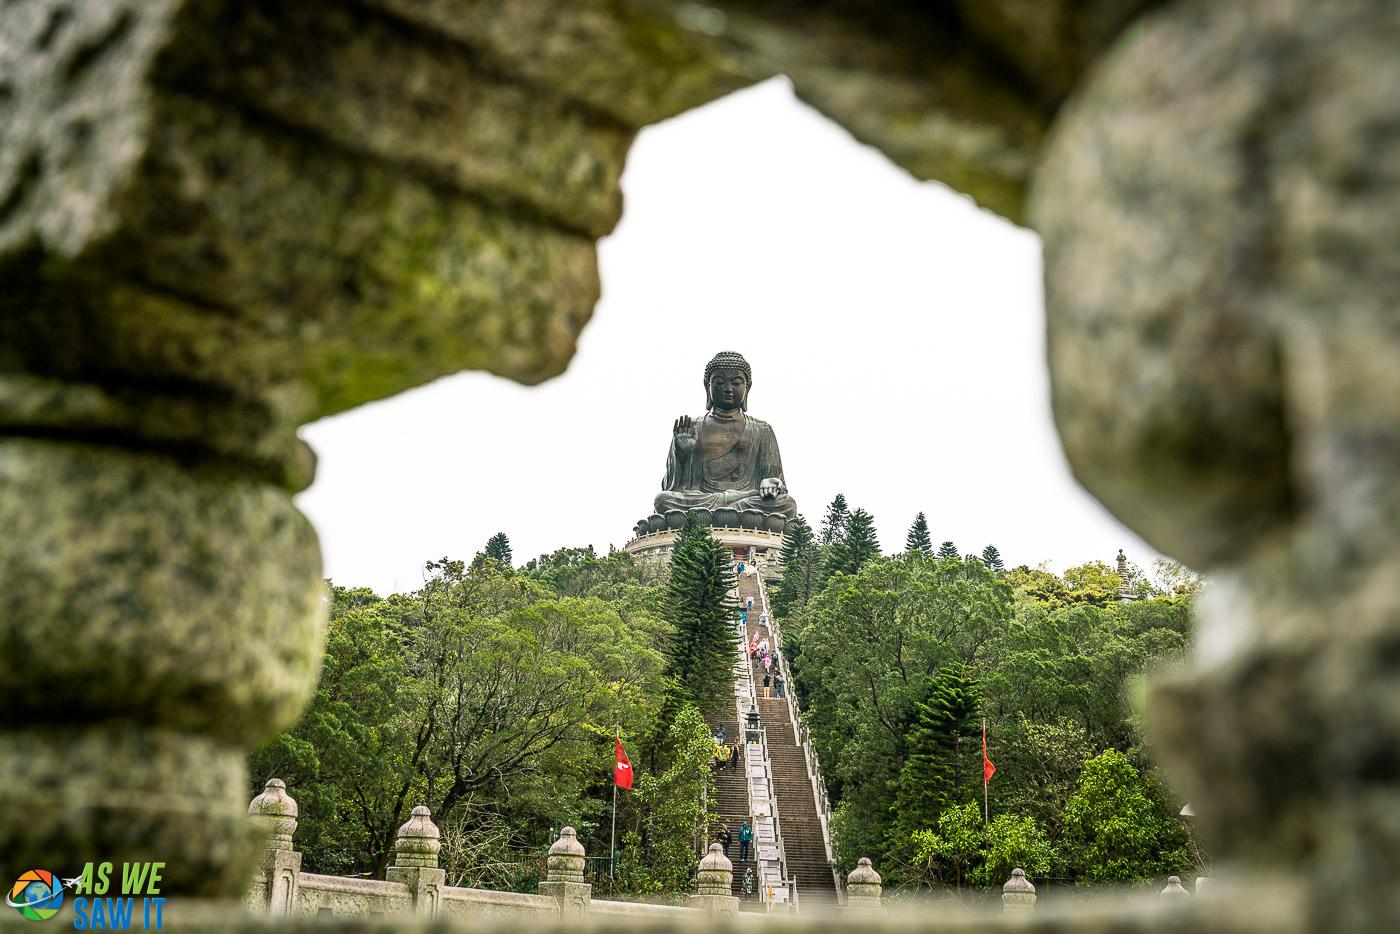 the big Buddha at po lin monastery